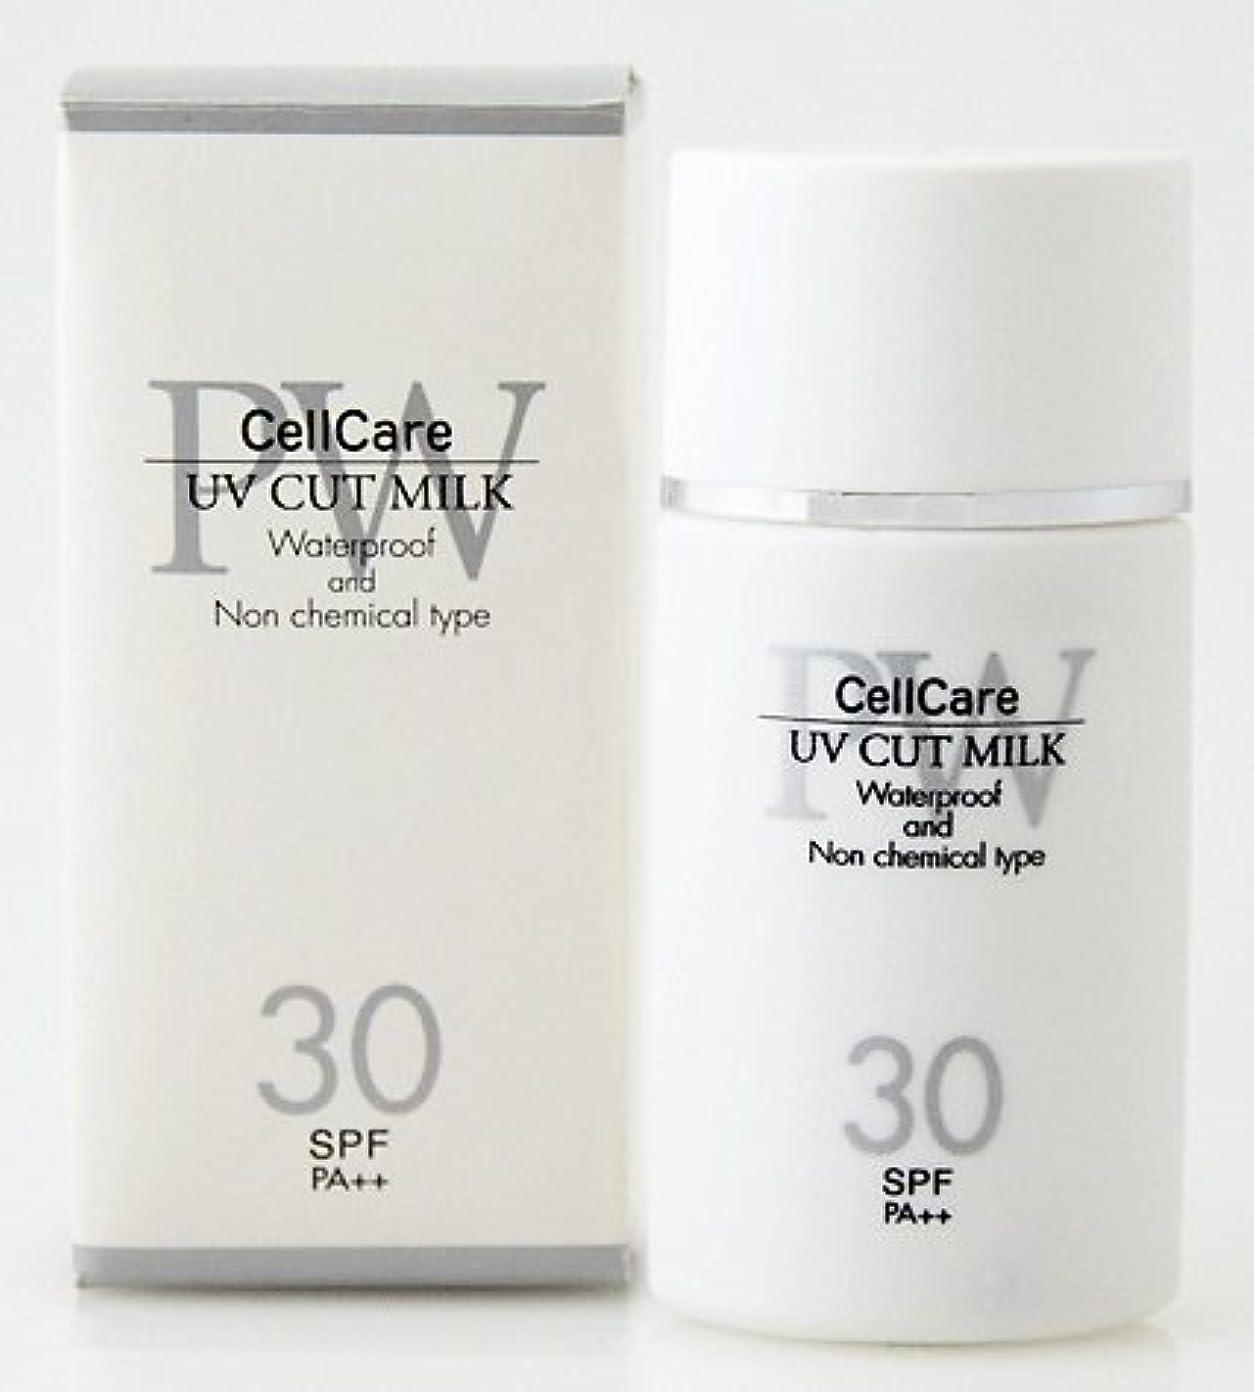 予測存在いまセルケア ピュアホワイト UVカットミルク 30g(日焼け止め乳液) SPF30 PA++ 保湿